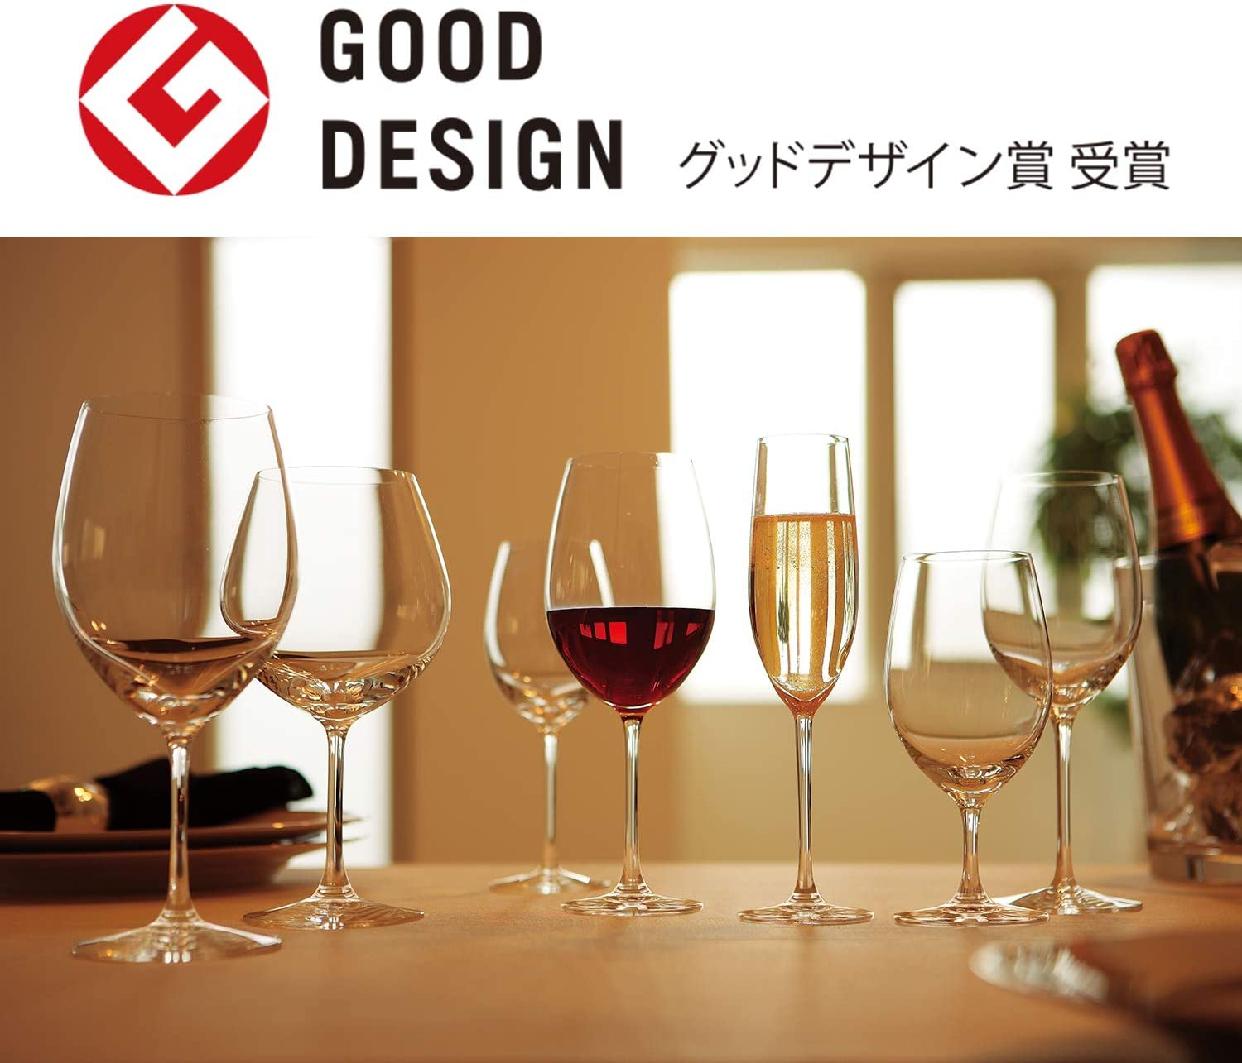 東洋佐々木ガラス シャンパン RN-10254CS クリアの商品画像4